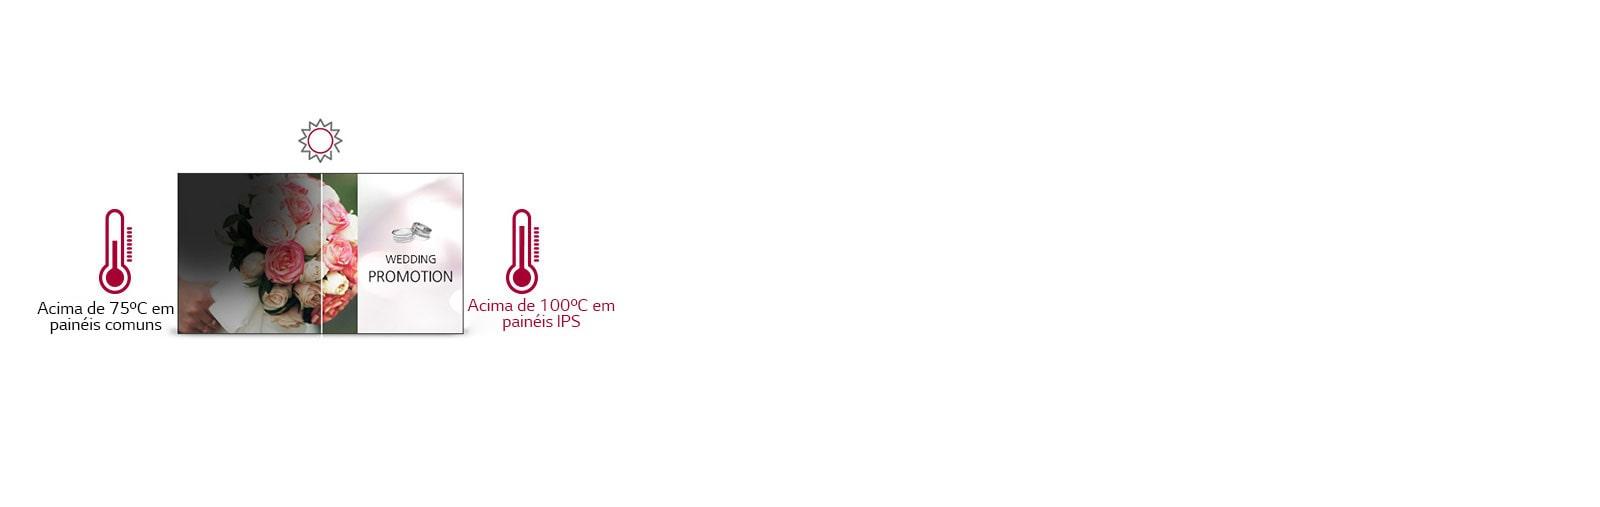 55SE3KD_Sub05_23102017_D_1508790092438